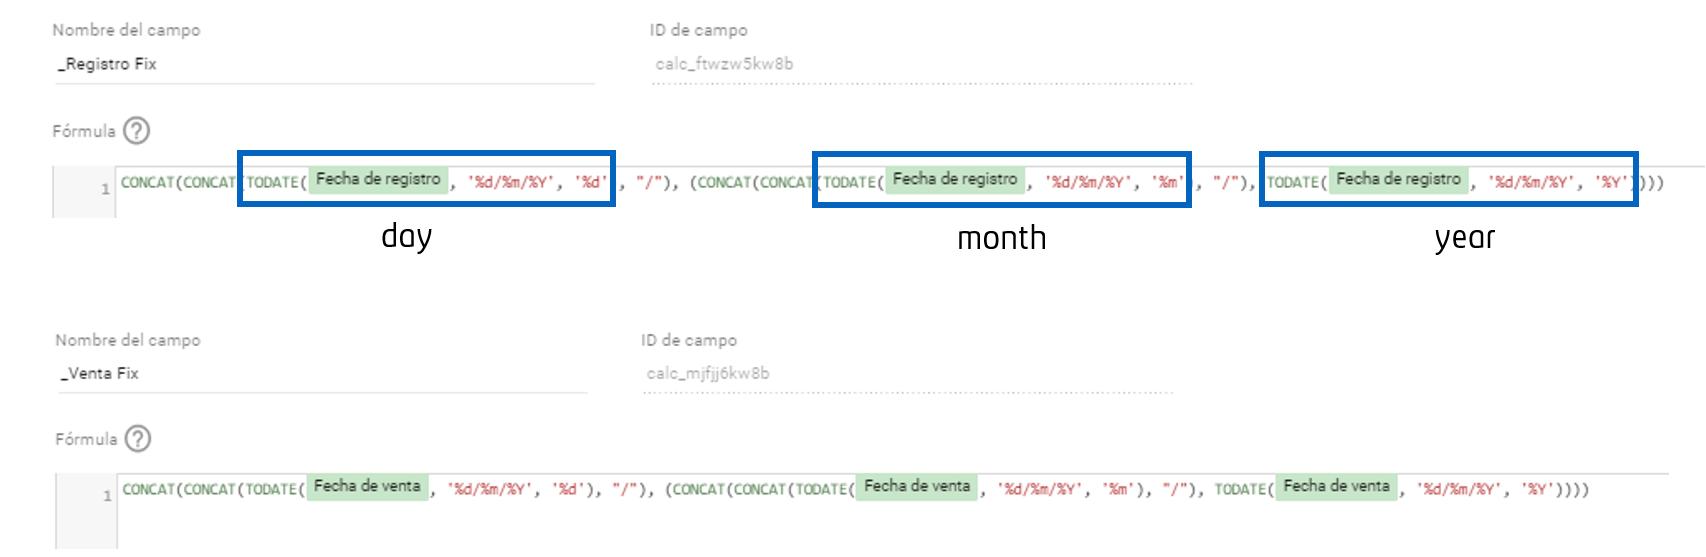 Ajustamos el formato de fecha a partir de una fecha dada